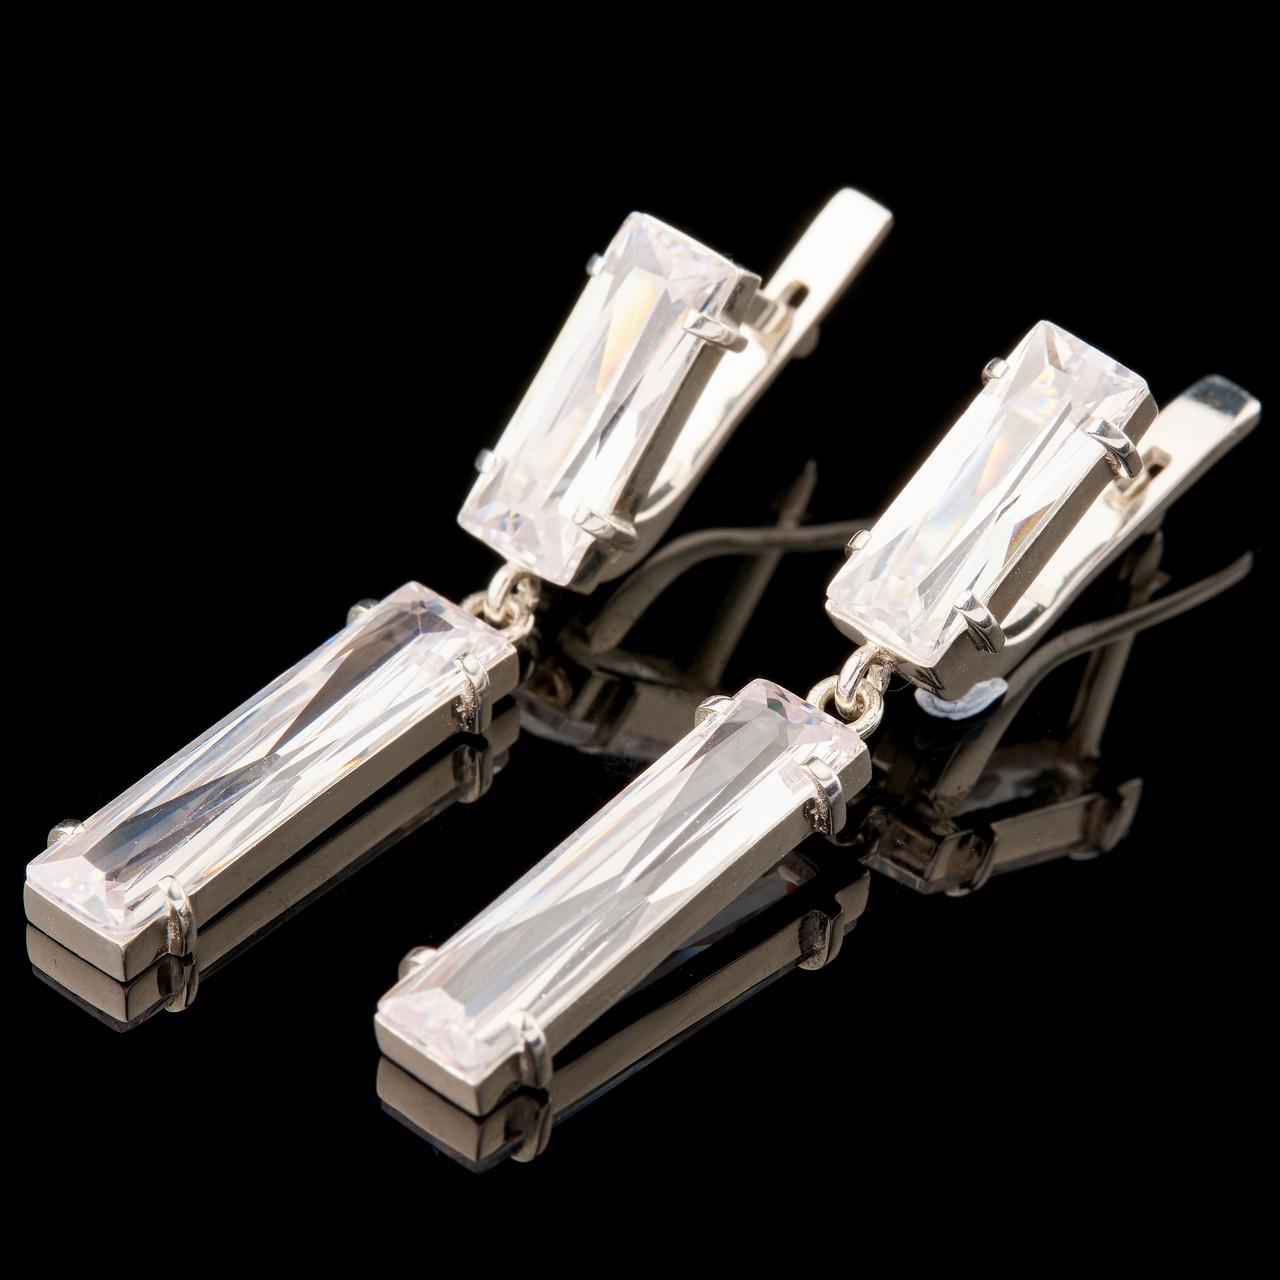 Срібні сережки 925 проби з фіанітами арт. 756с